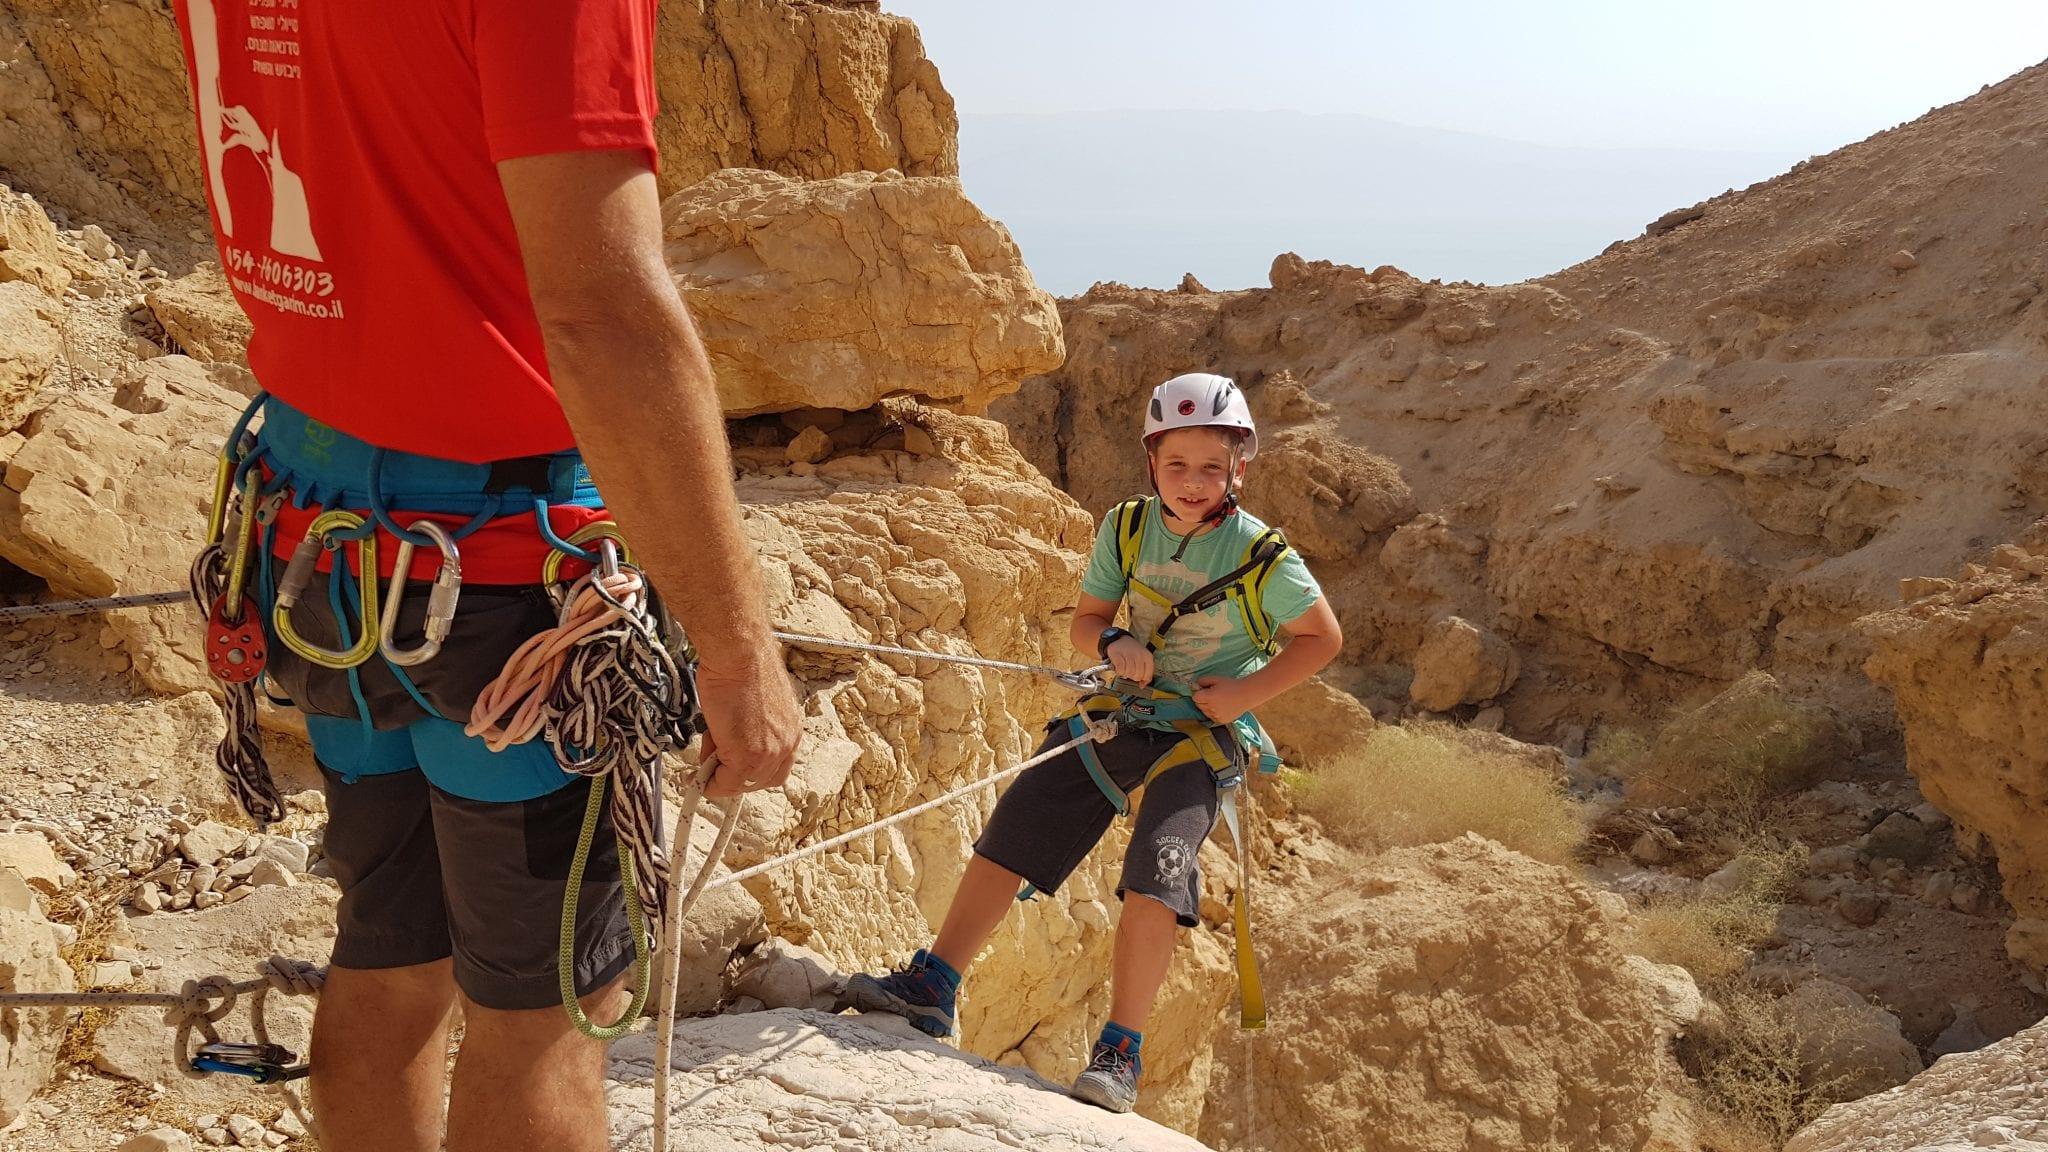 טיול סנפלינג לילדים - טור תחתון - ערוצים בטבע